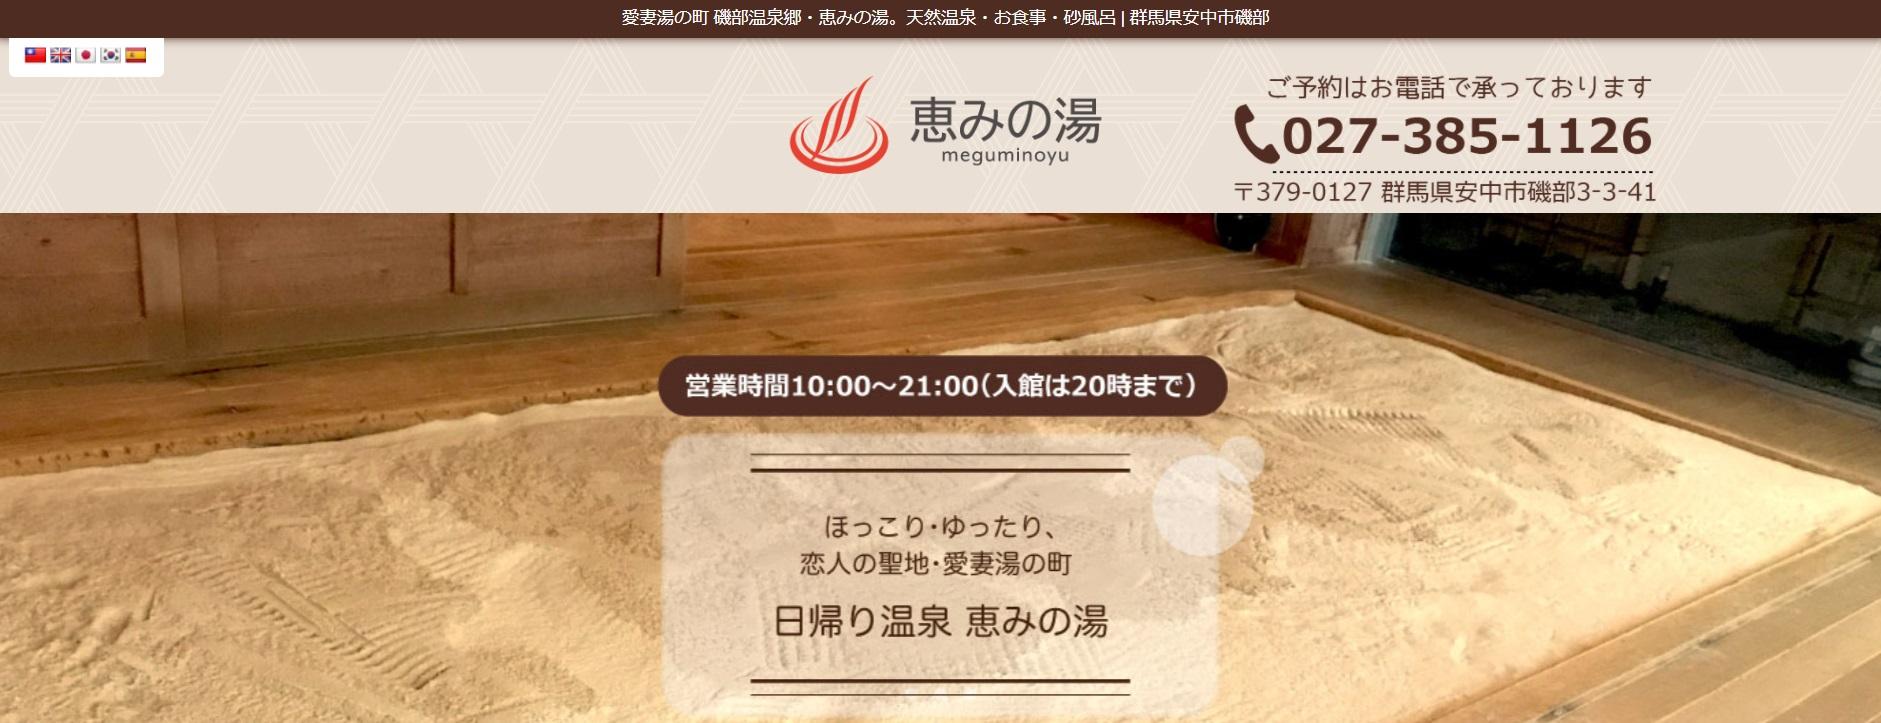 【関東】大人が楽しい!冬も楽しめるアクティビティ15選!東京から日帰りデートにも(東京、千葉、神奈川、埼玉ほか)